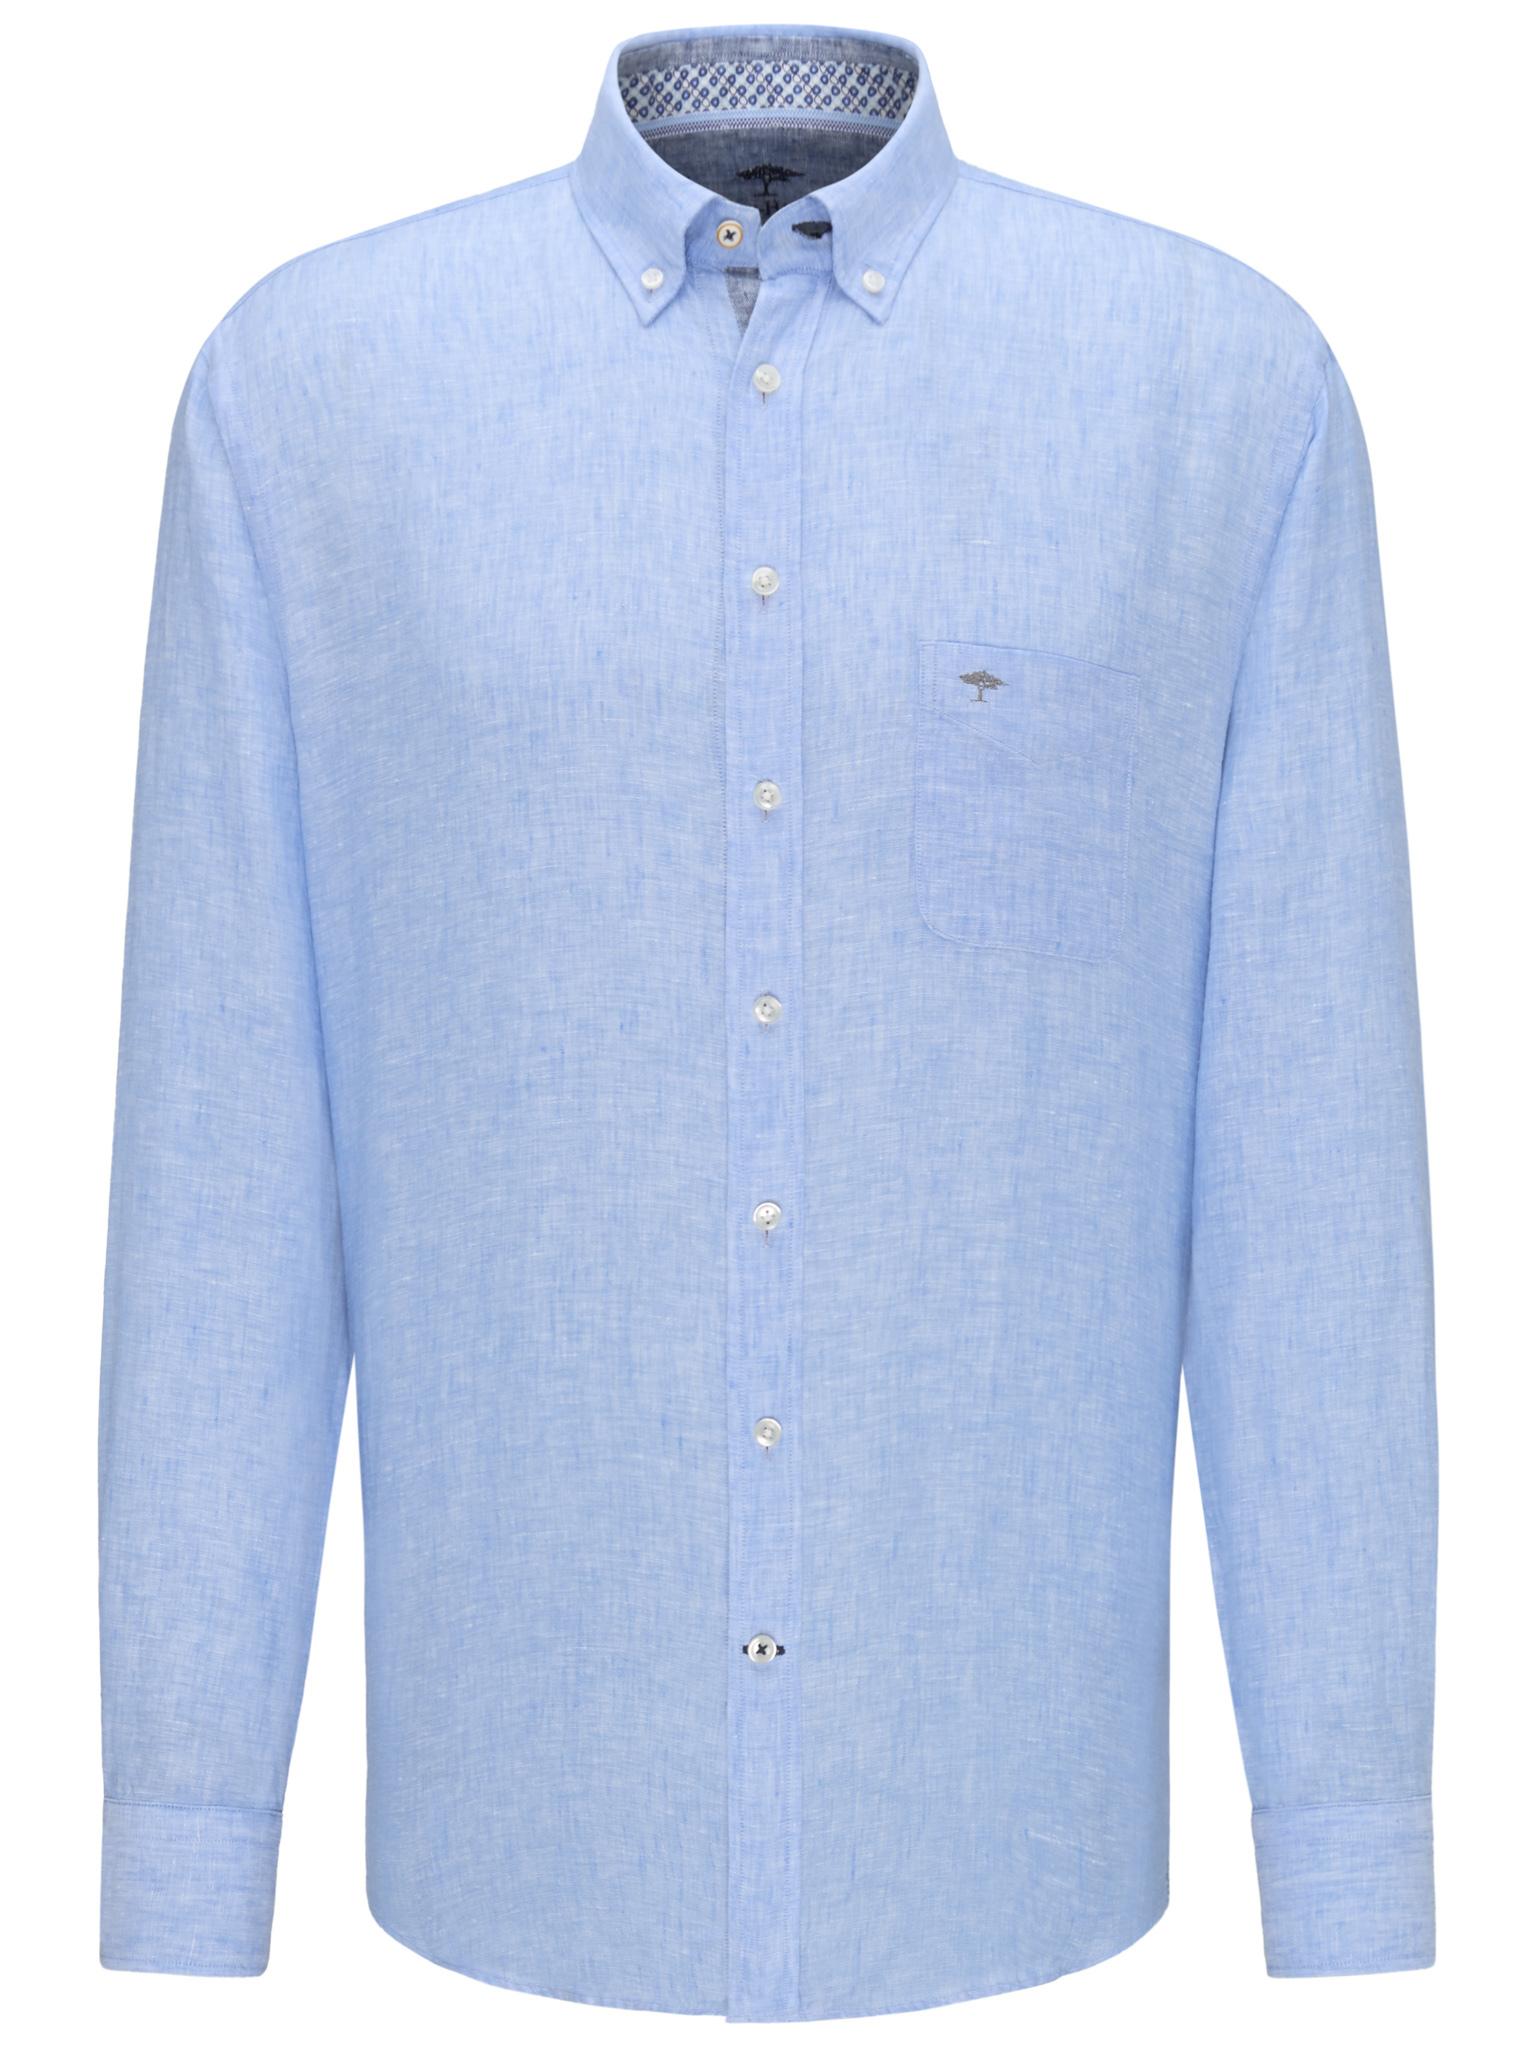 Fynch Hatton light blue linen shirt